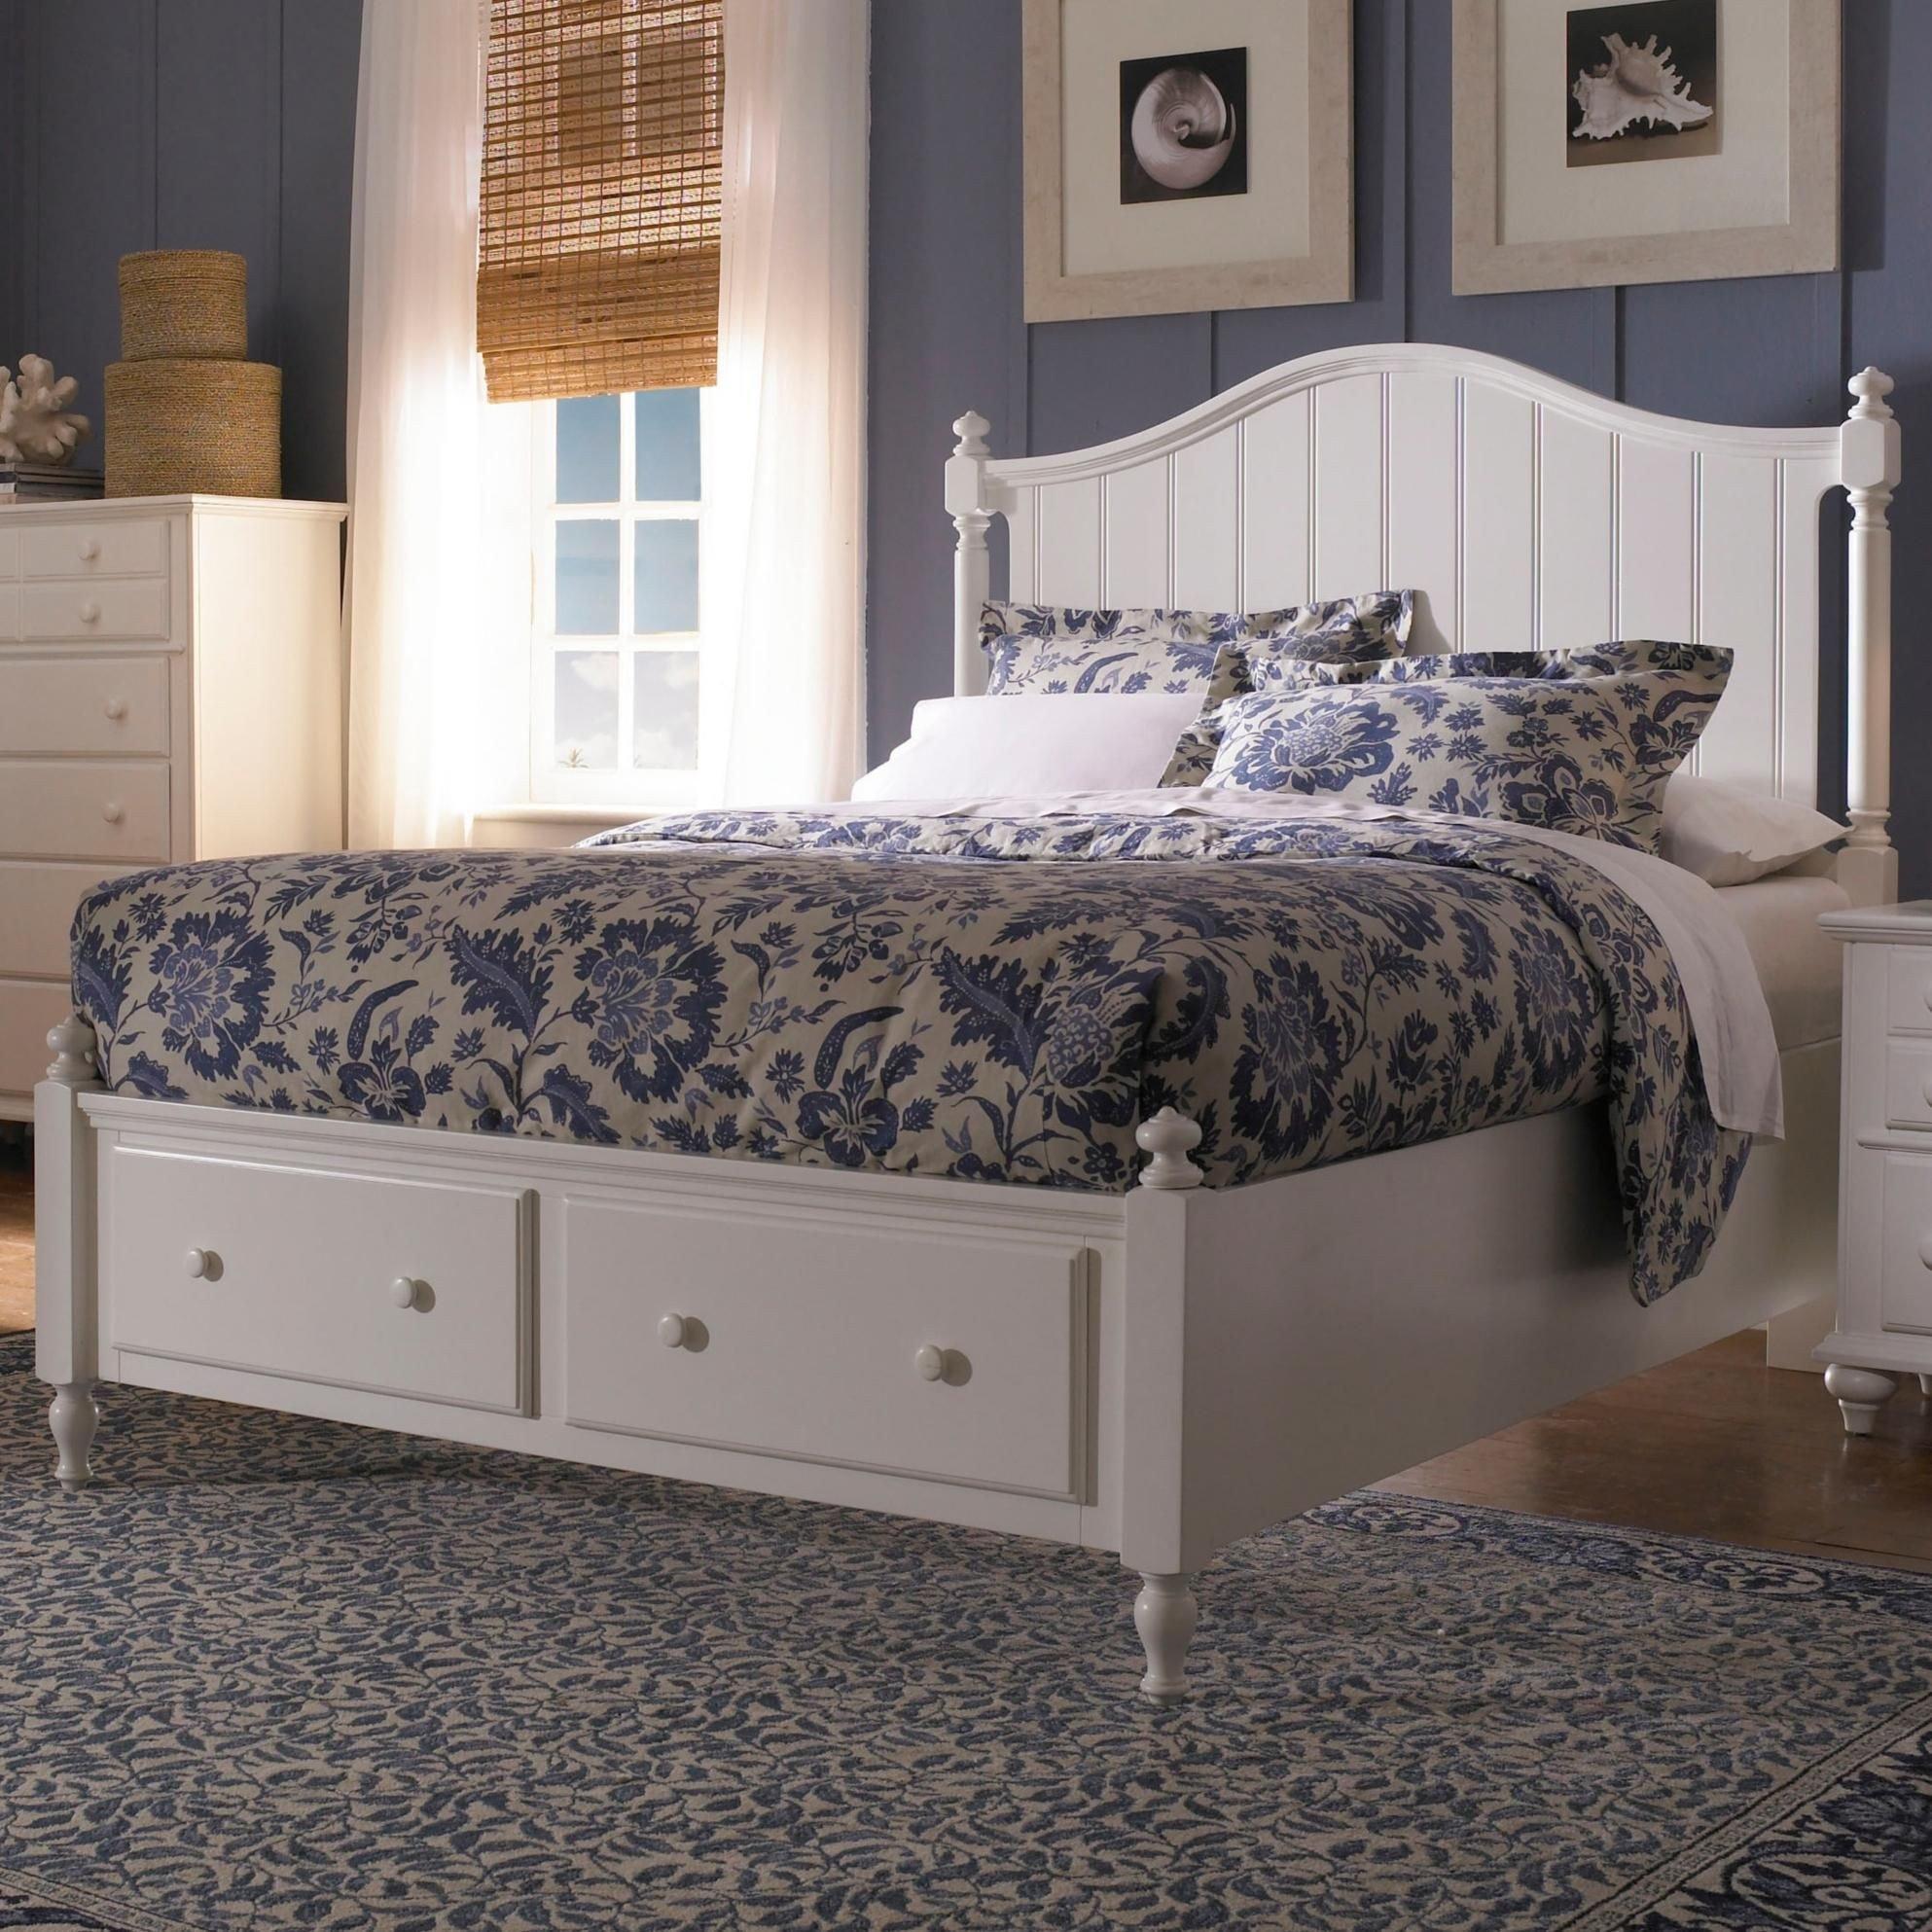 Nebraska Furniture Mart Bedroom Set Inspirational Hayden Place Queen Headboard and Storage Footboard Bed by